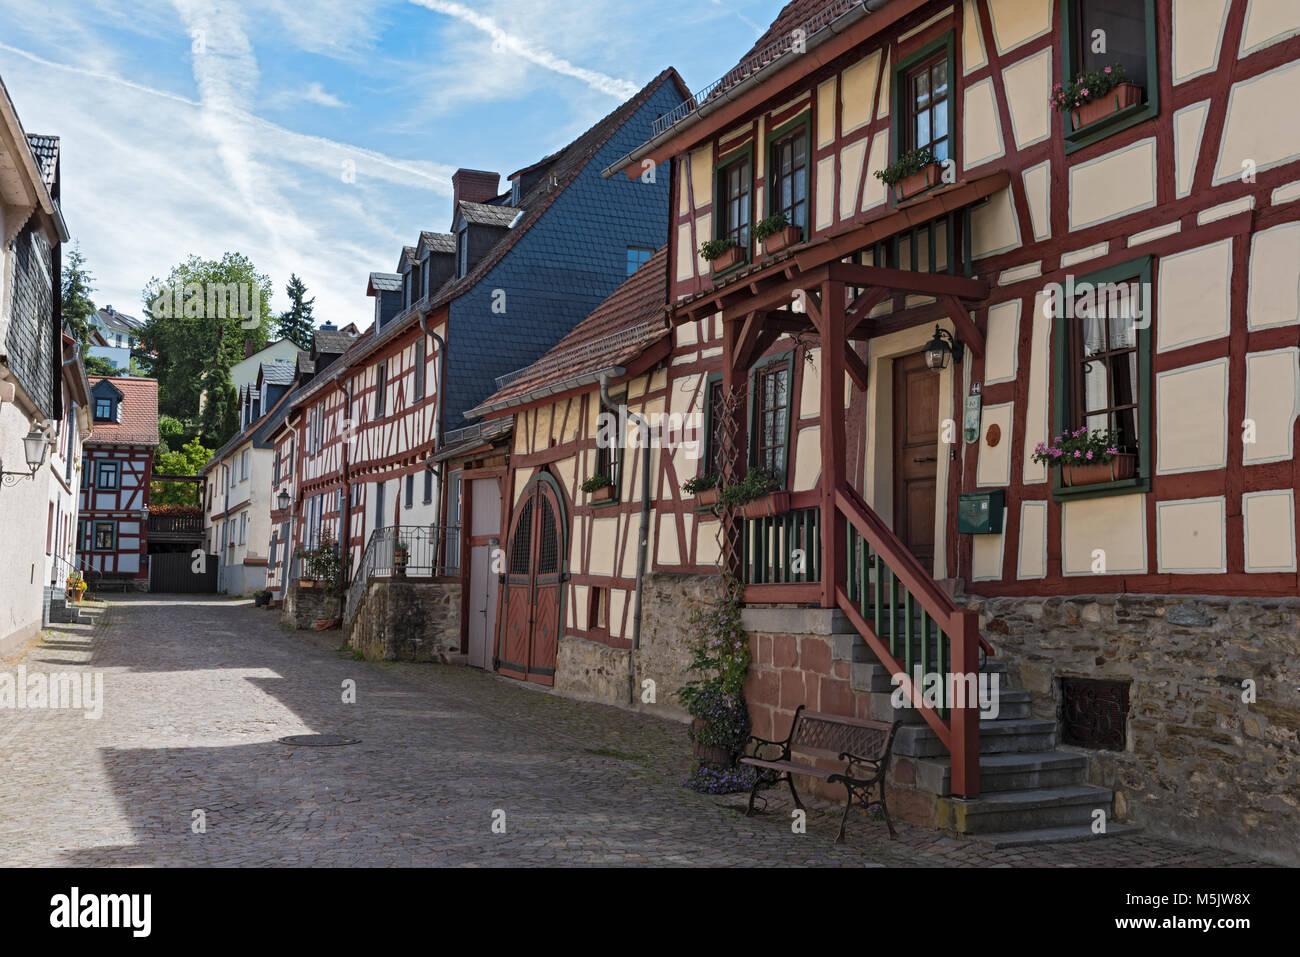 Kleine Gasse mit Fachwerkhäusern in der Altstadt von Idstein, Hessen, Deutschland Stockbild